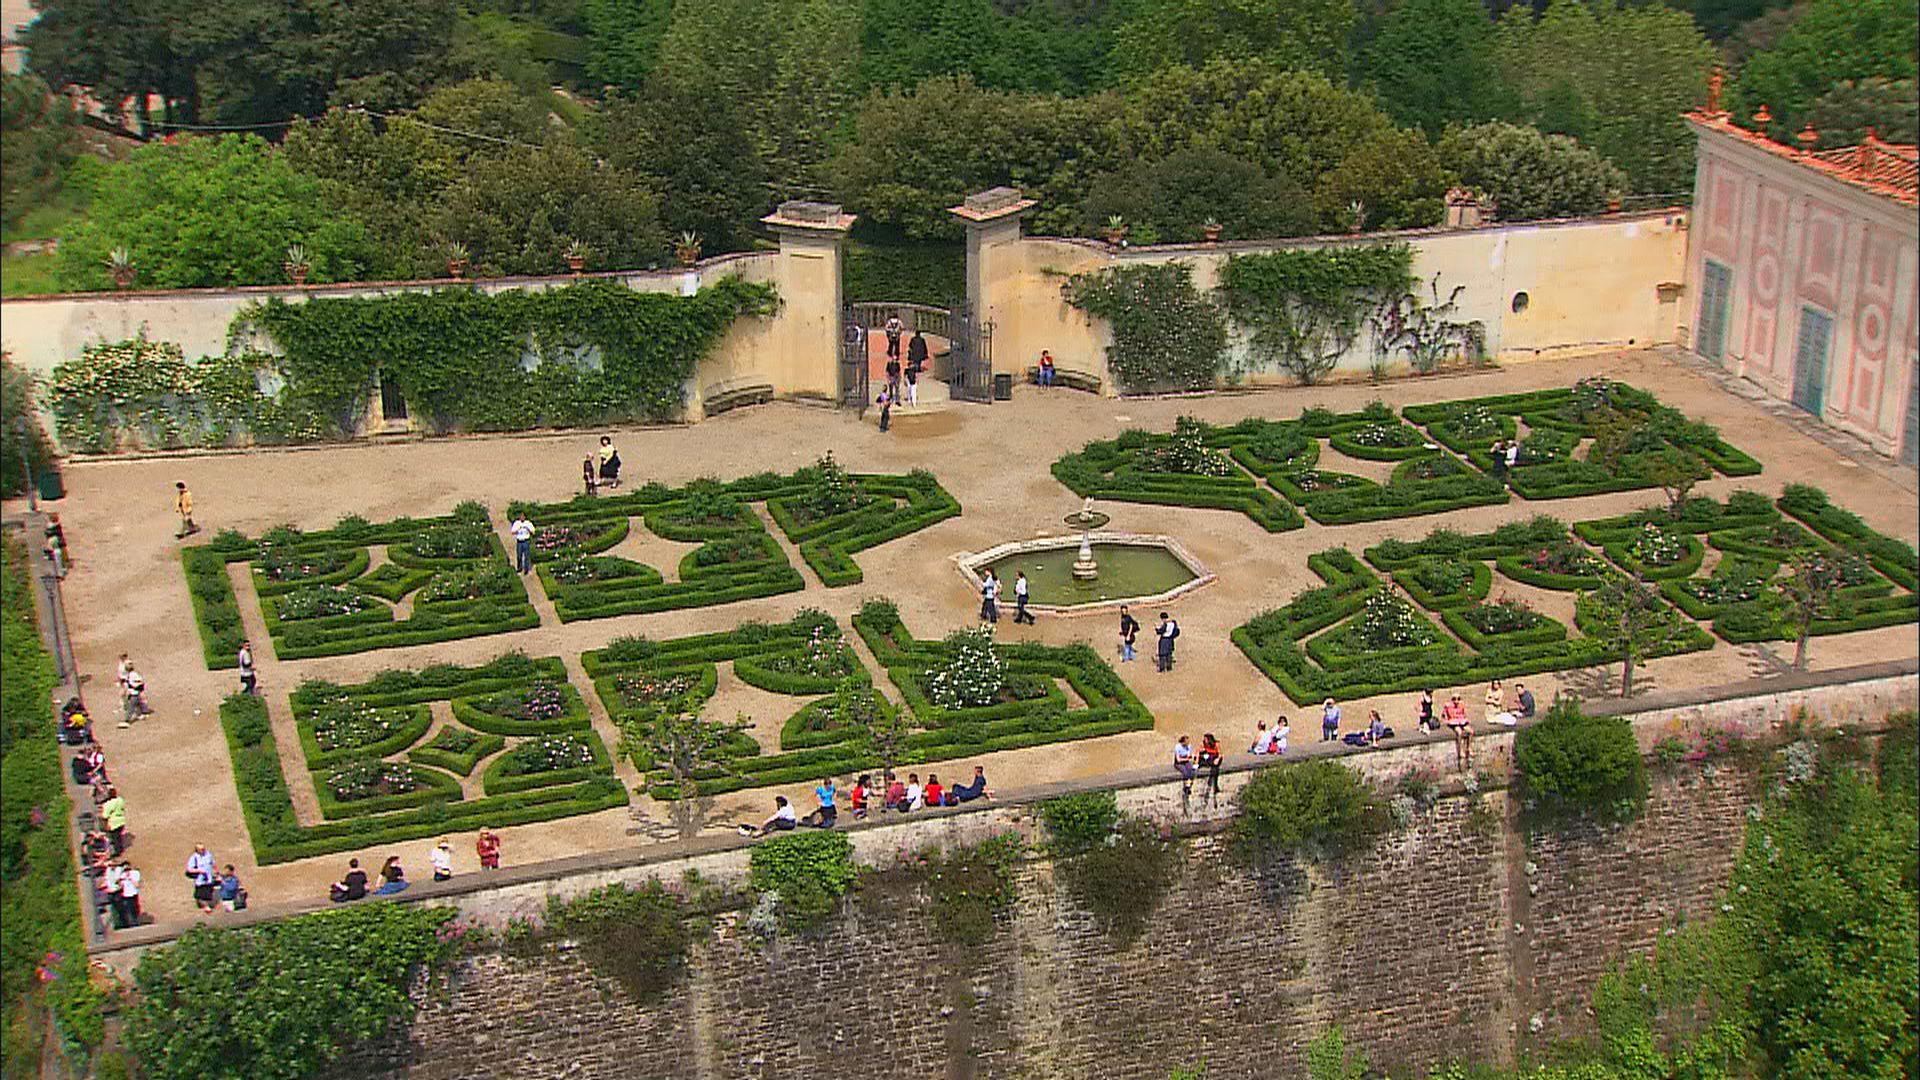 Boboli gardens in florence il giardino di boboli un parco storico della citt di firenze - I giardini di boboli ...